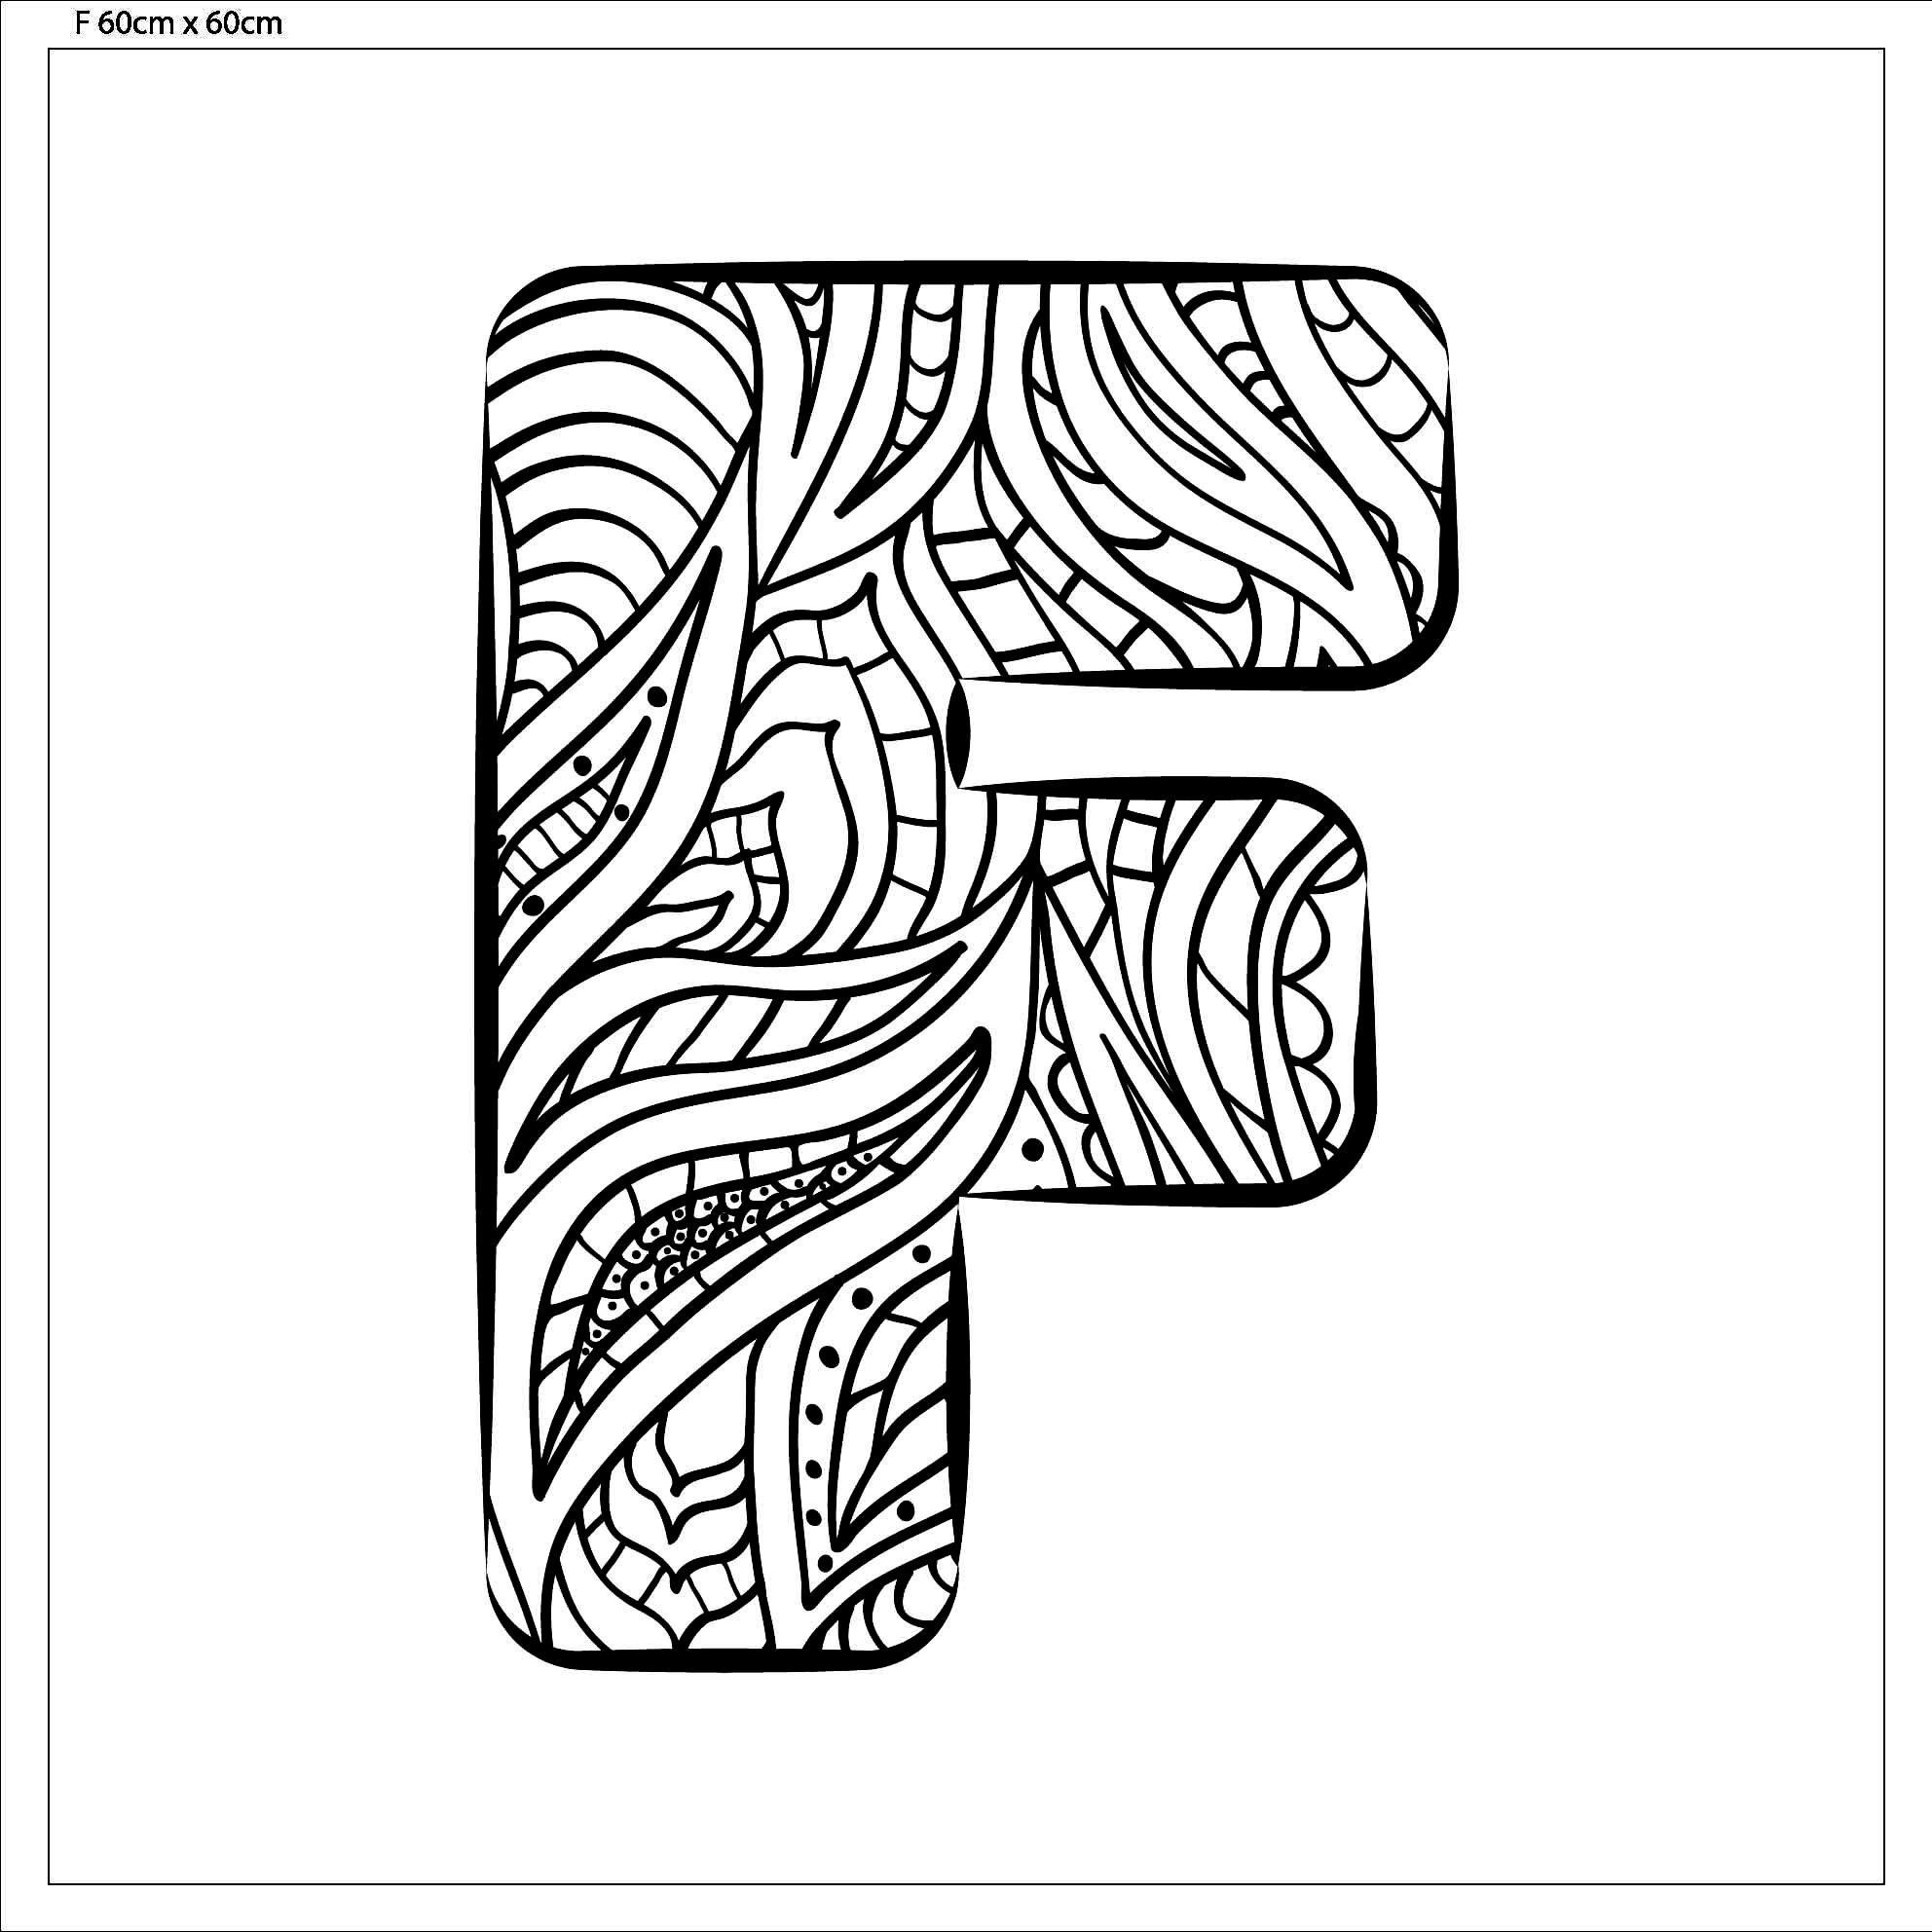 """Zentangle - Buchstabe """"f"""" Zum Ausmalen Fertig Aufgespannt innen Buchstaben Zum Ausmalen"""